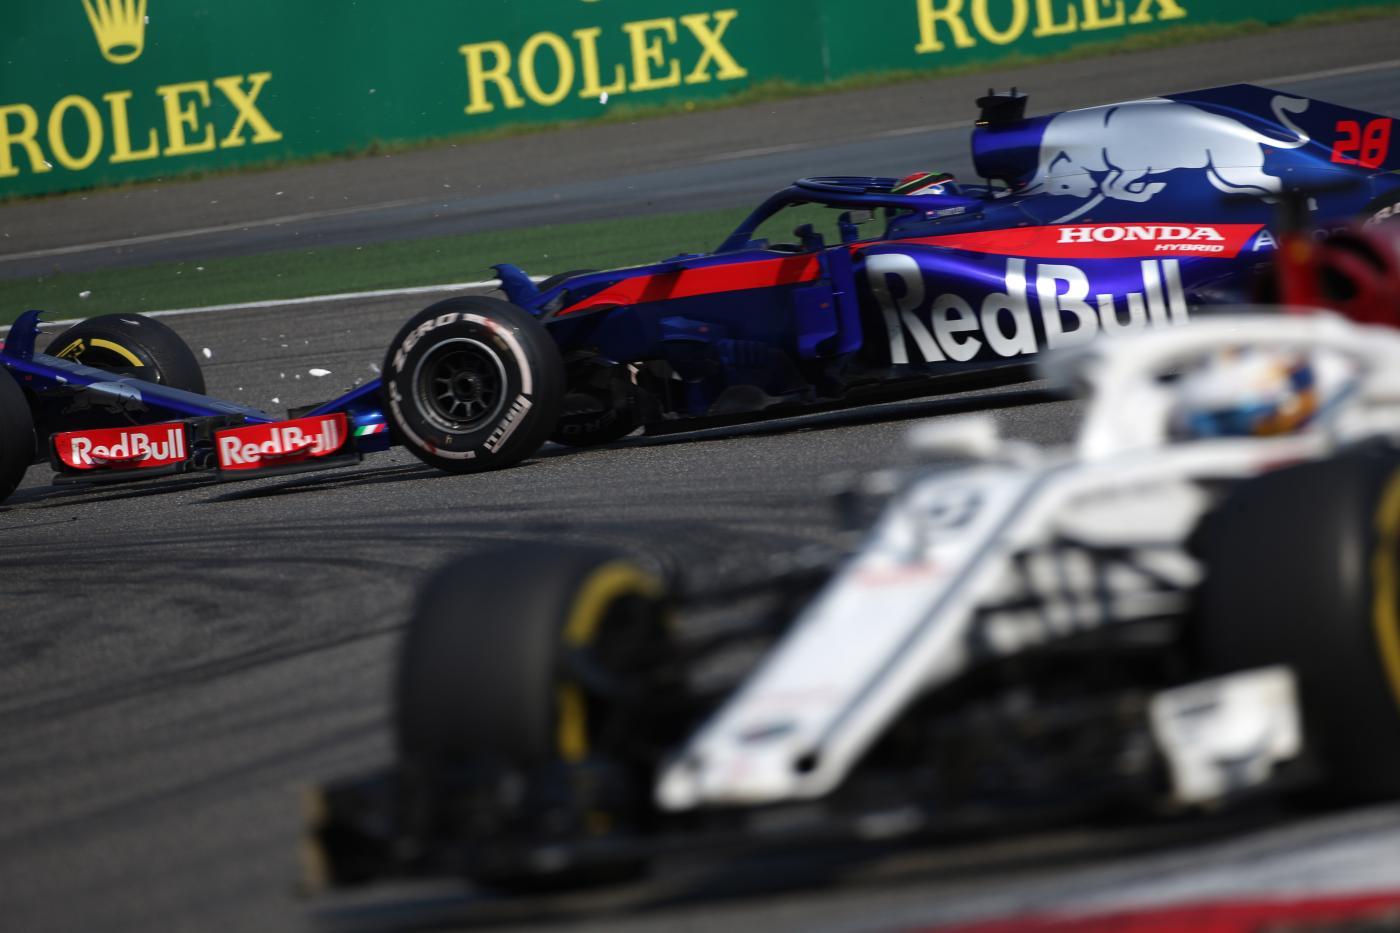 F1 - Secondo il Berlin Kurier, la Red Bull avrebbe volontariamente fatto investire Gasly e Hartley a Shanghai per vincere il Gp della Cina - Photo4 / LaPresse